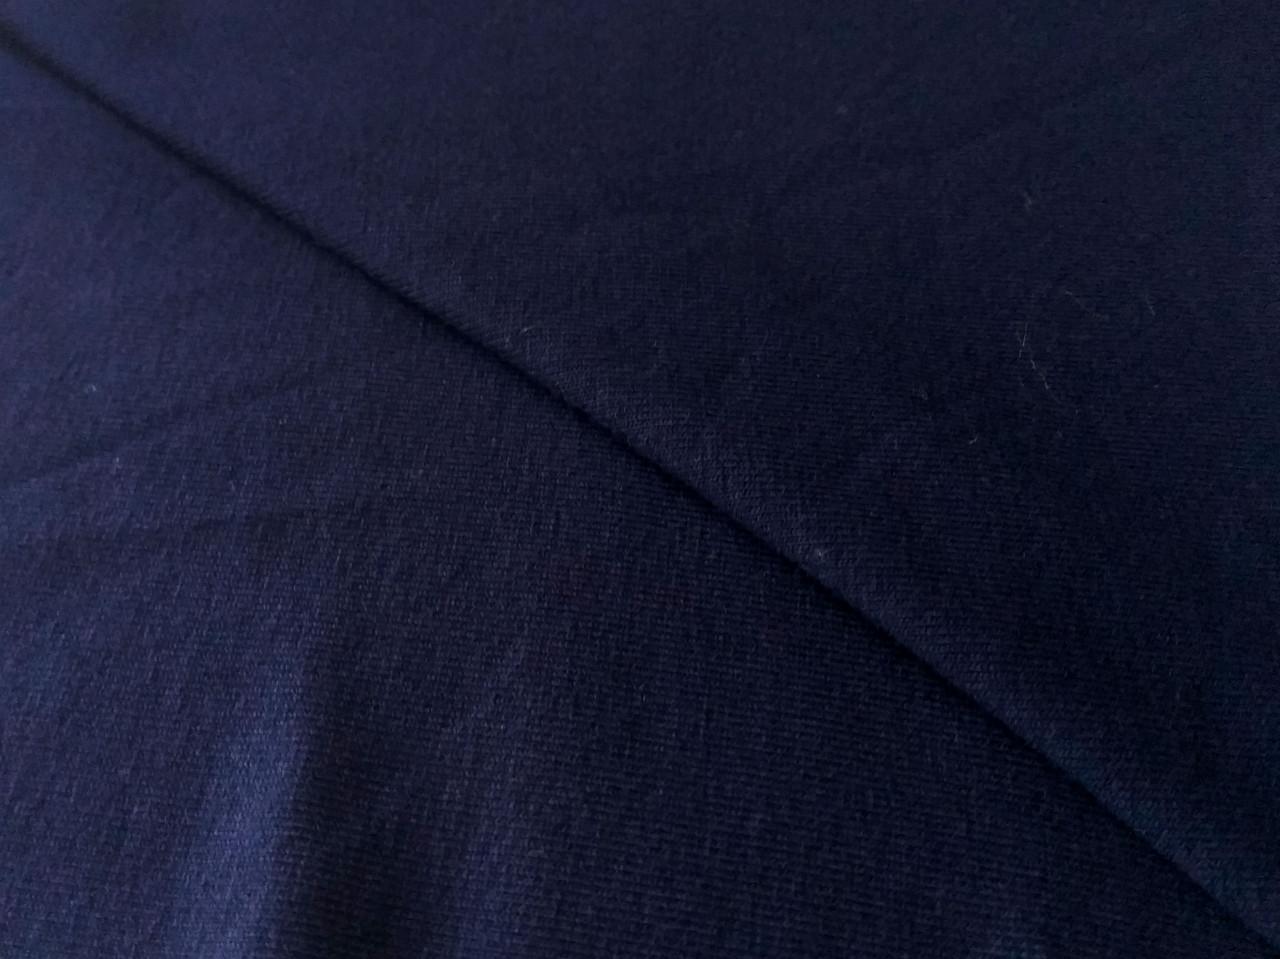 Вискозный трикотаж джерси, темно-синий